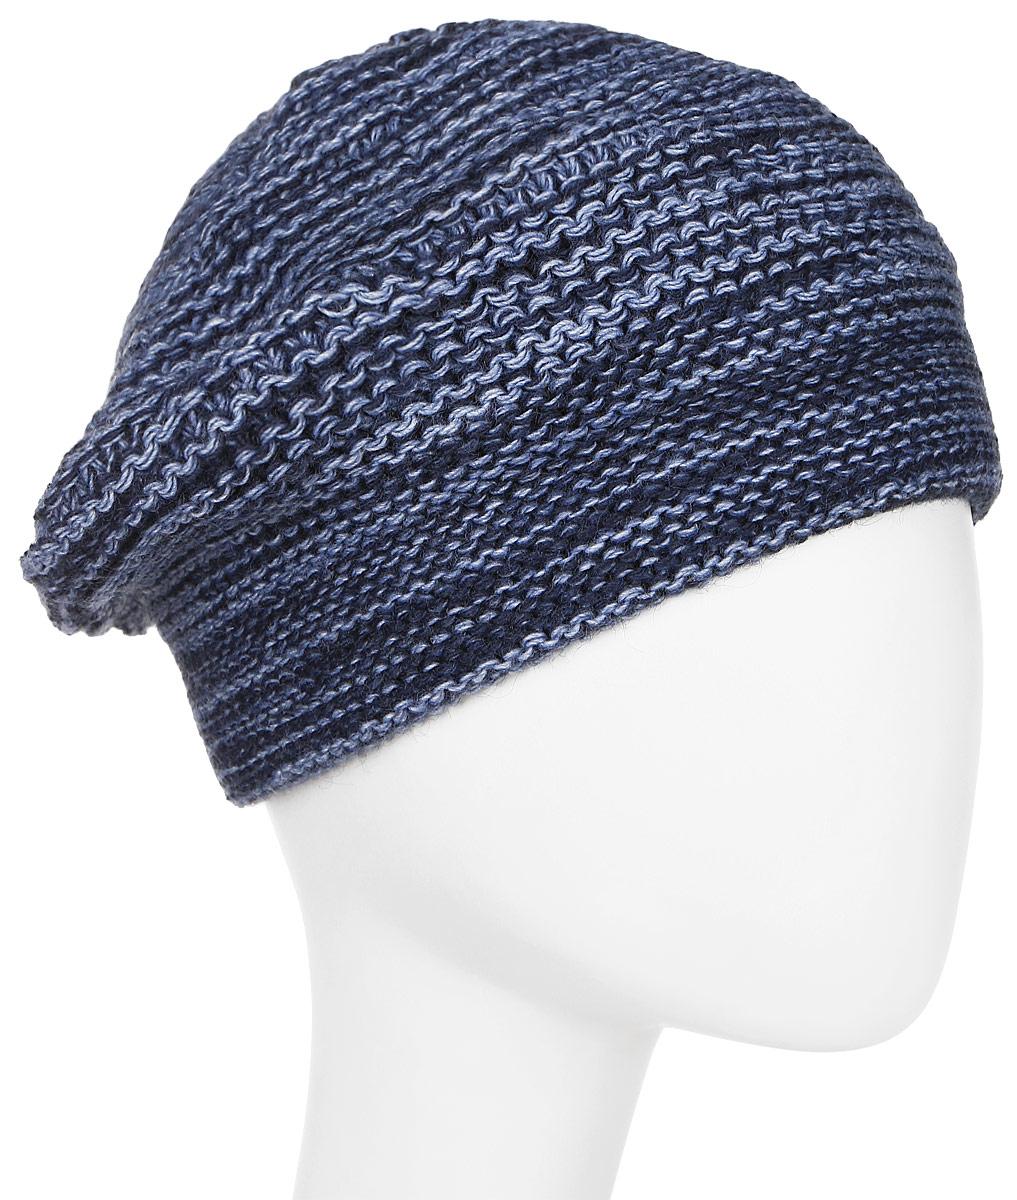 Шапка женская Elfrio, цвет: темно-синий. Размер 56/58. RWB6888/3RWB6888/3Отличная вязаная шапка Elfrio выполнена из акрила в стиле сasual. Модель прекрасно подойдет для женщин, ценящих комфорт и красоту. Незаменимая вещь на прохладную погоду.